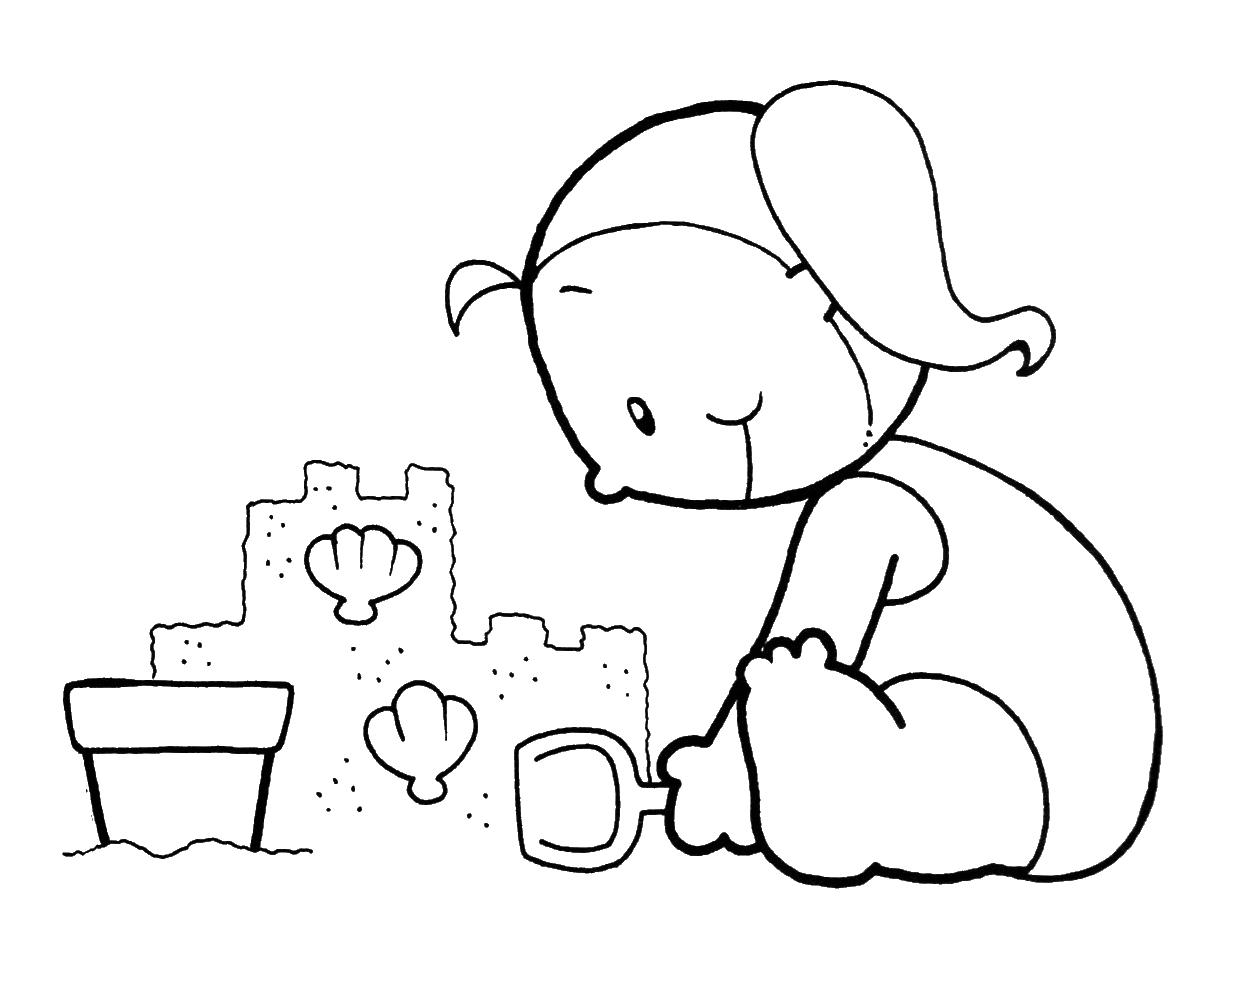 Dibujos para colorear de verano infantiles - Imagui